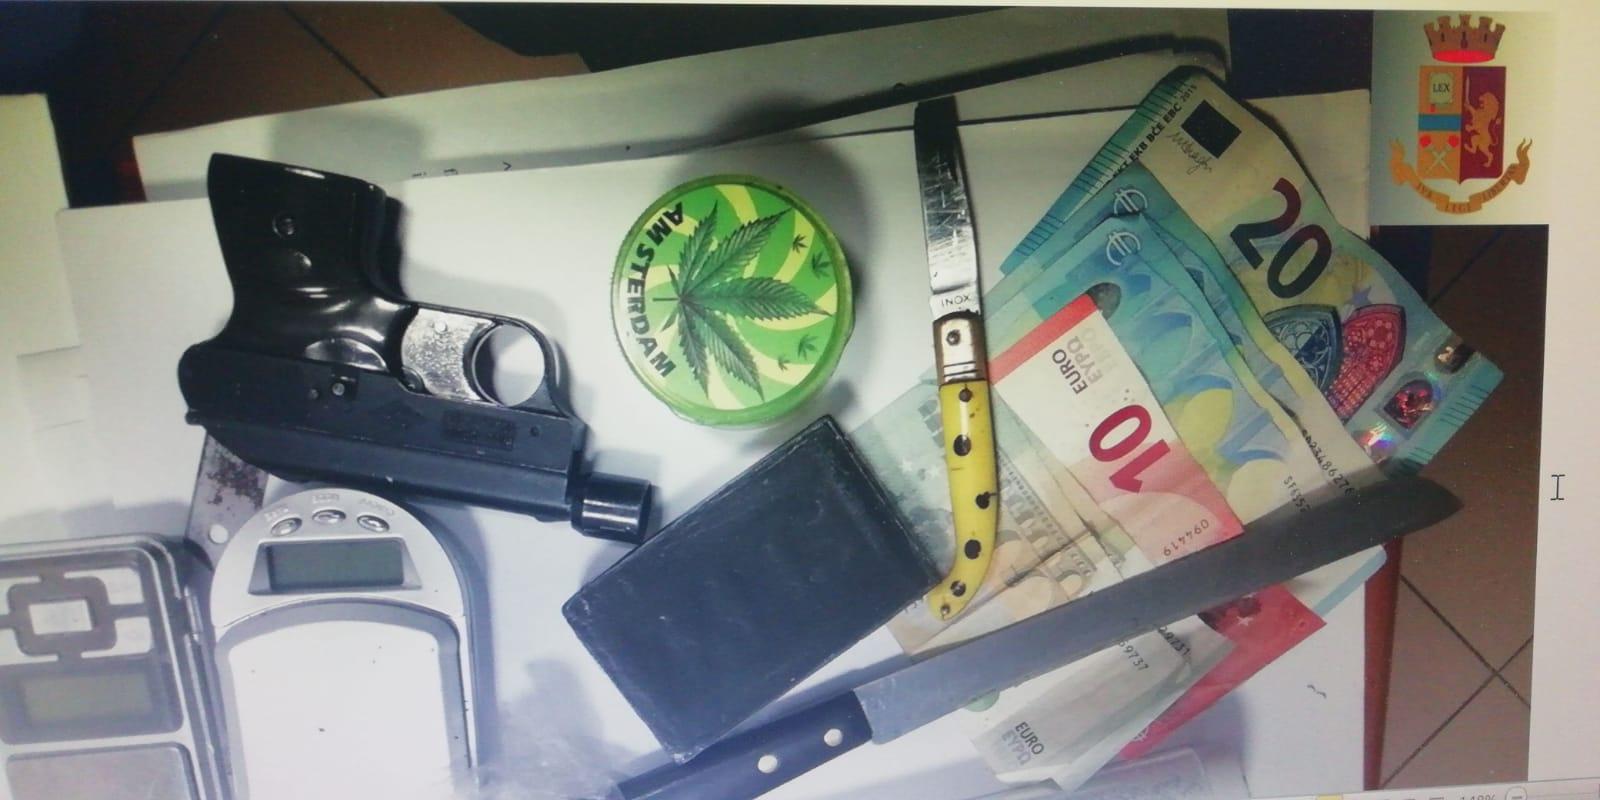 Risultati immagini per Nocera Superiore + arresto per droga + forza nuova